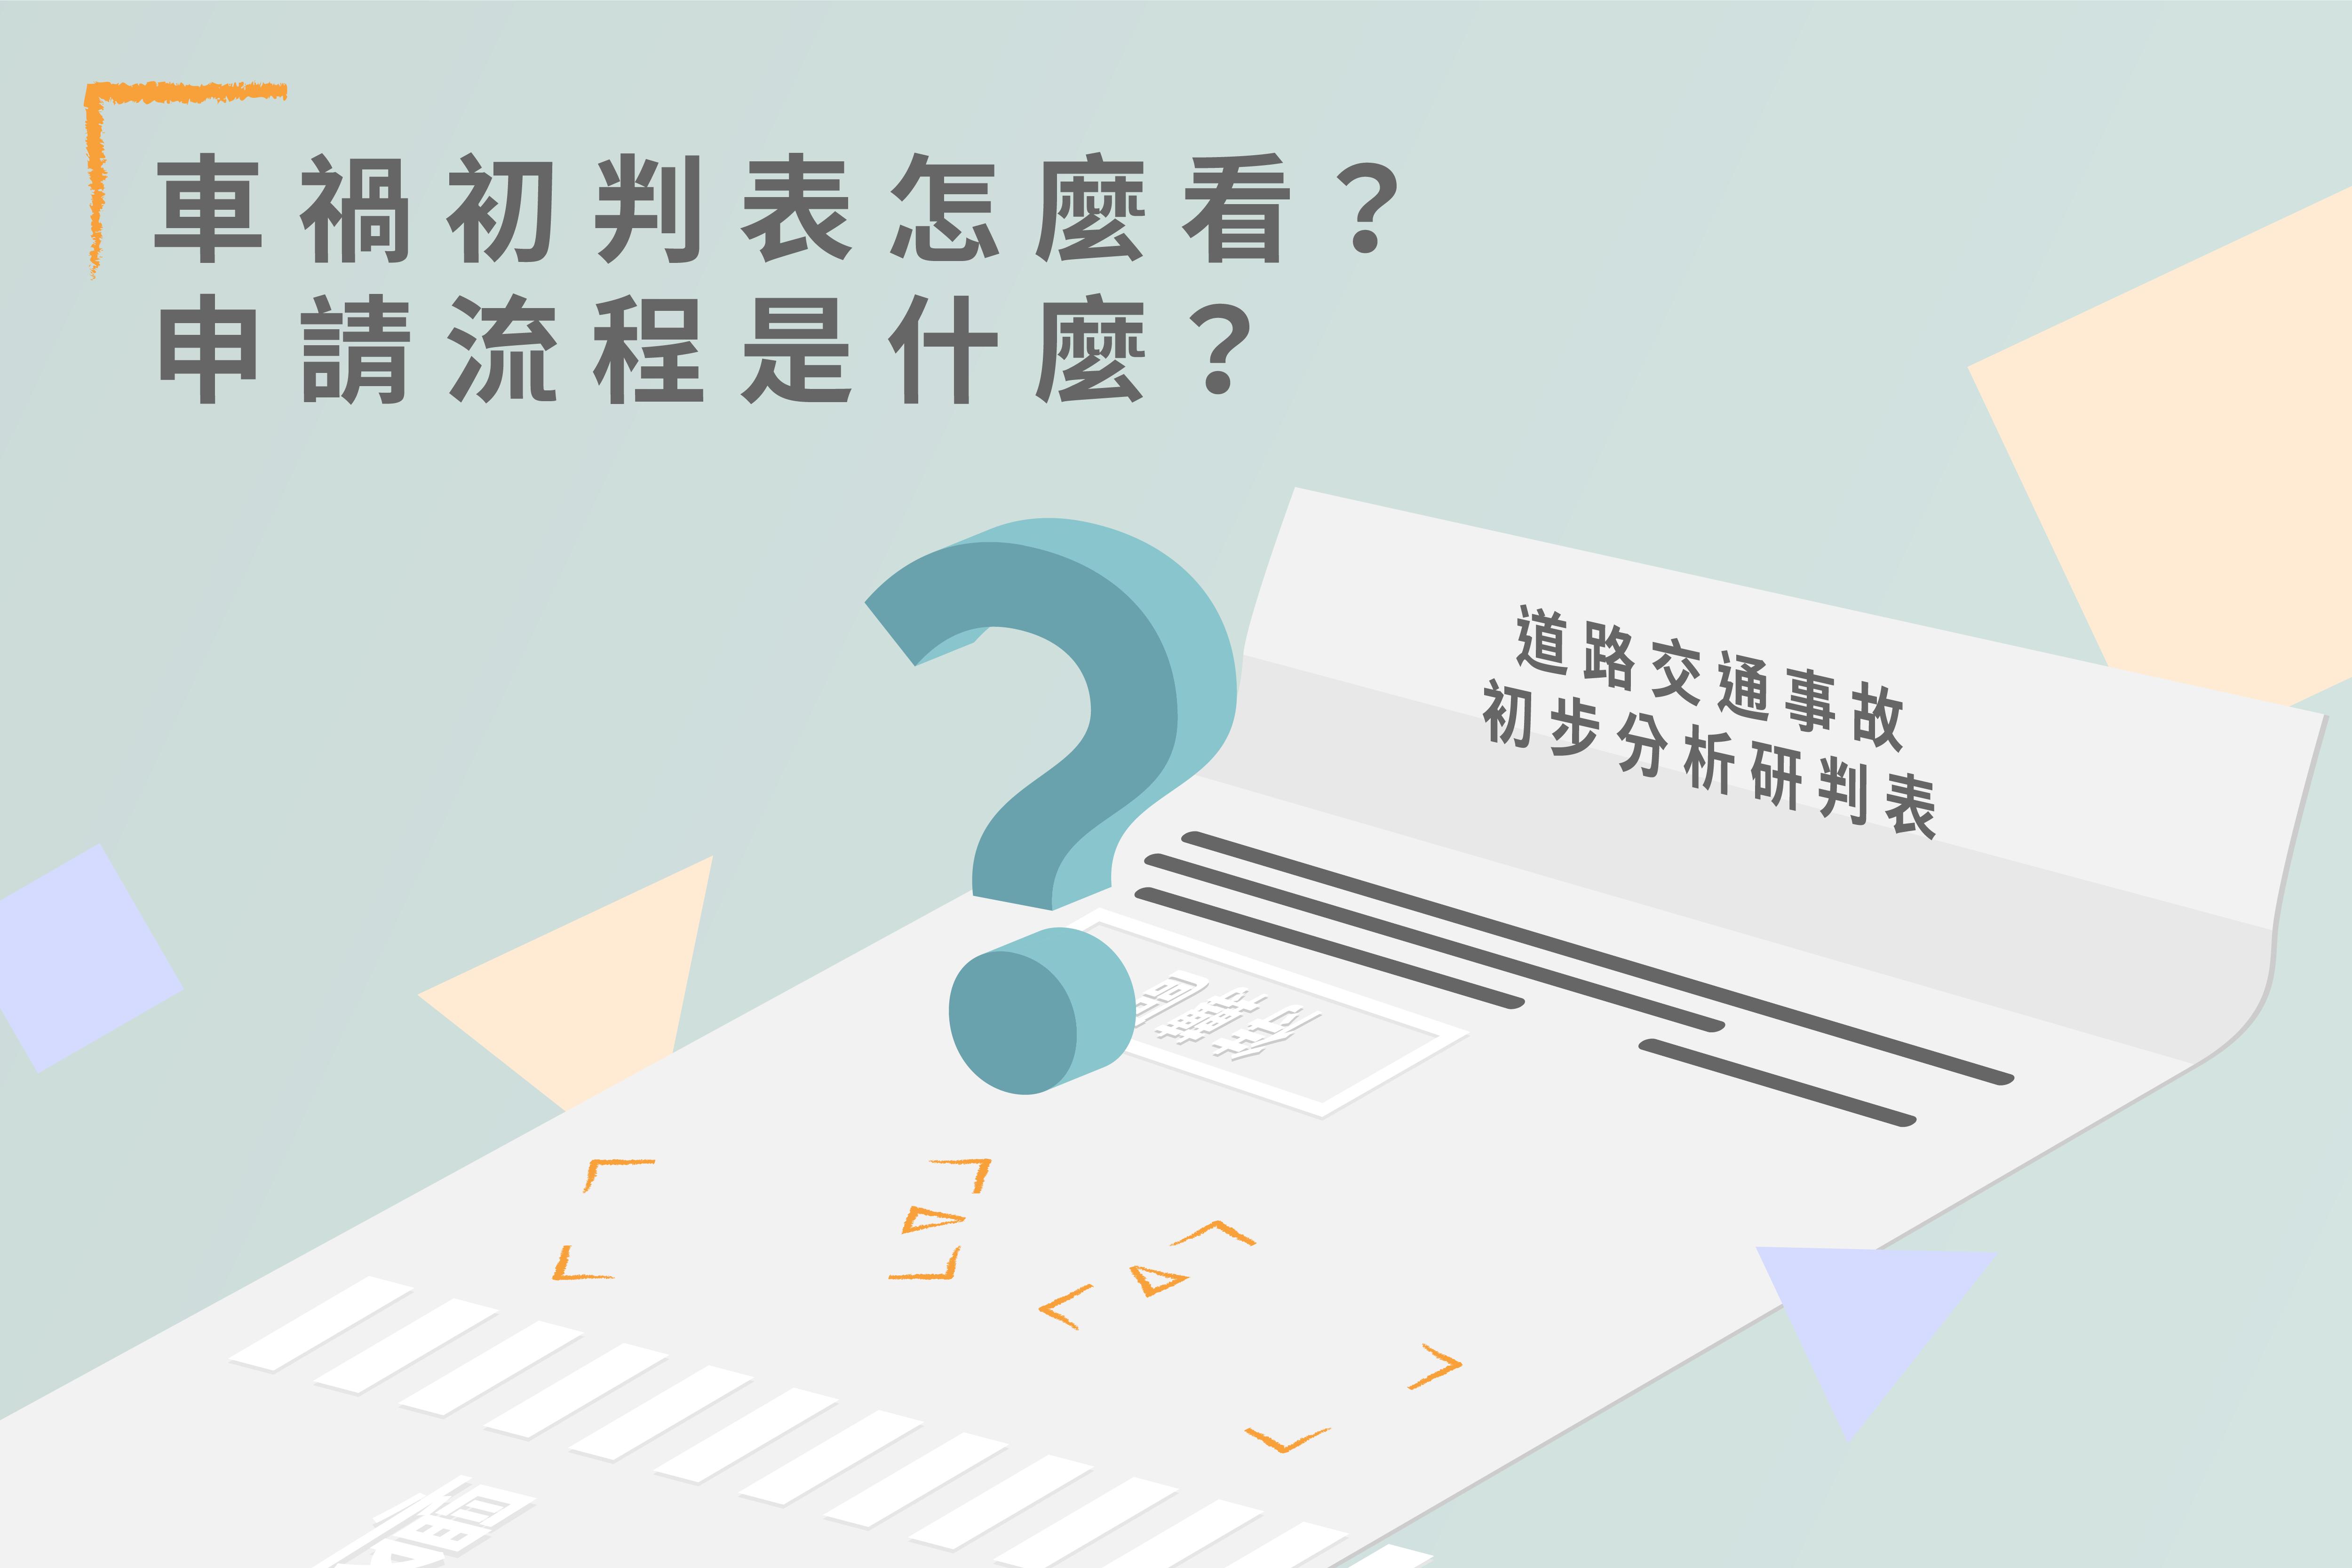 車禍初判表怎麼看?申請流程是什麼?-法律010